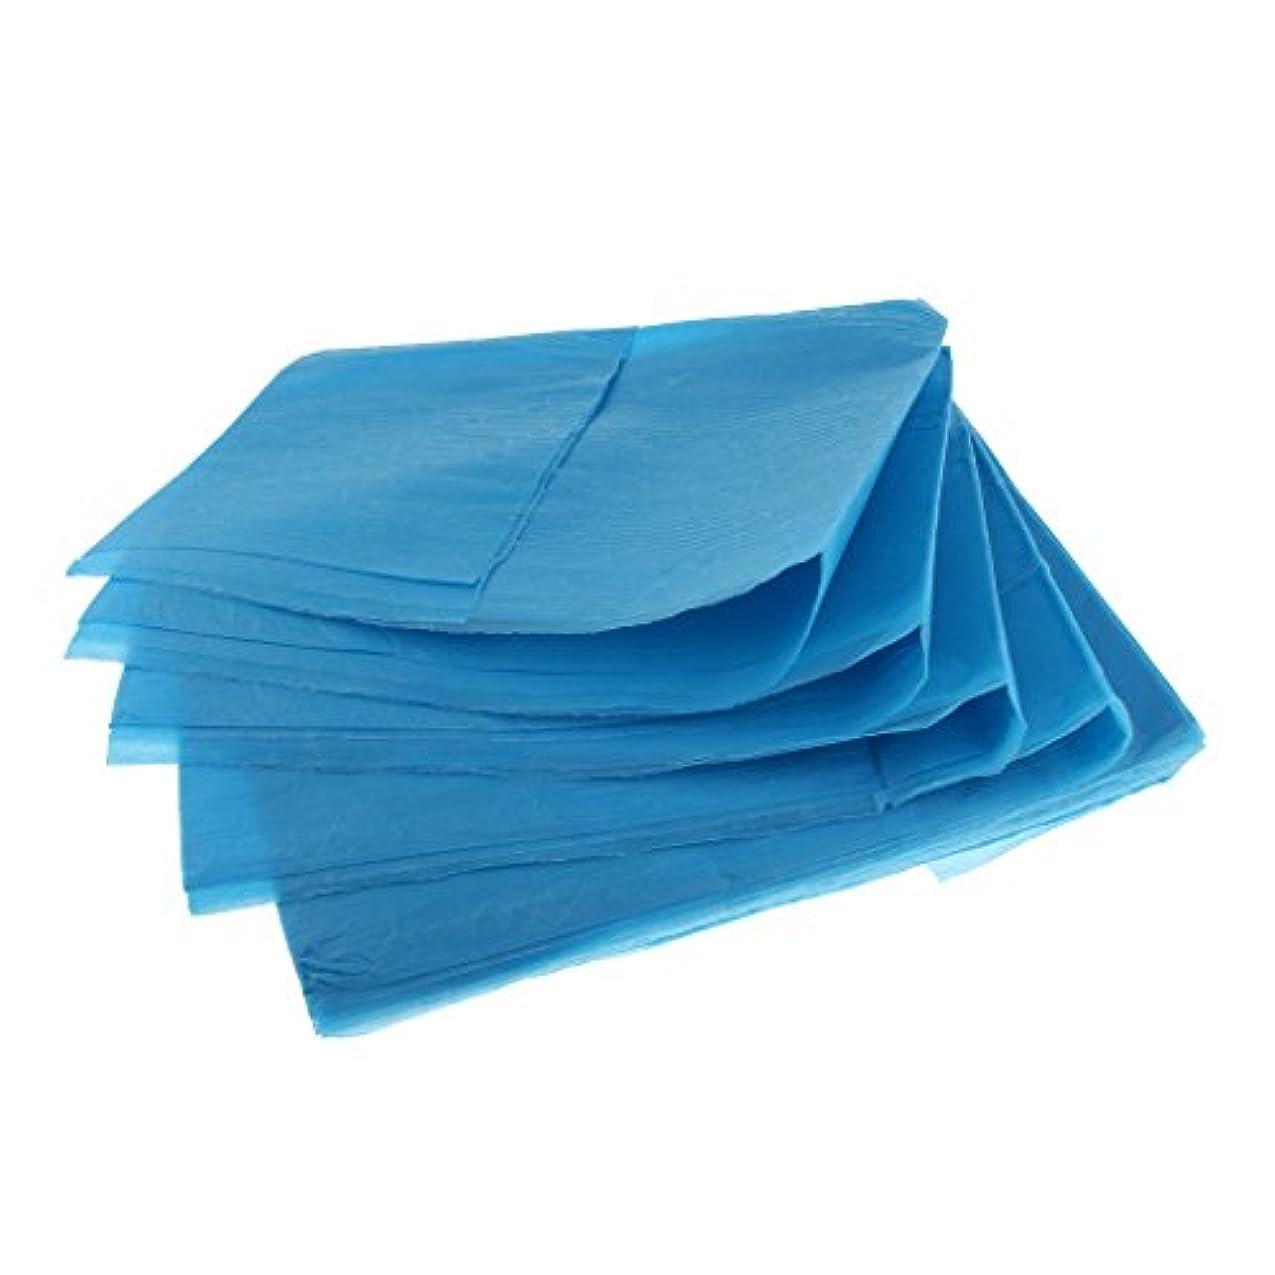 伝染性のテロリストかりてSONONIA 10枚 使い捨て ベッドシーツ ベッドパッド カバー 妊産婦 生理期間 スキンケア 美容院 サロン ホテル 2色選べ - 青